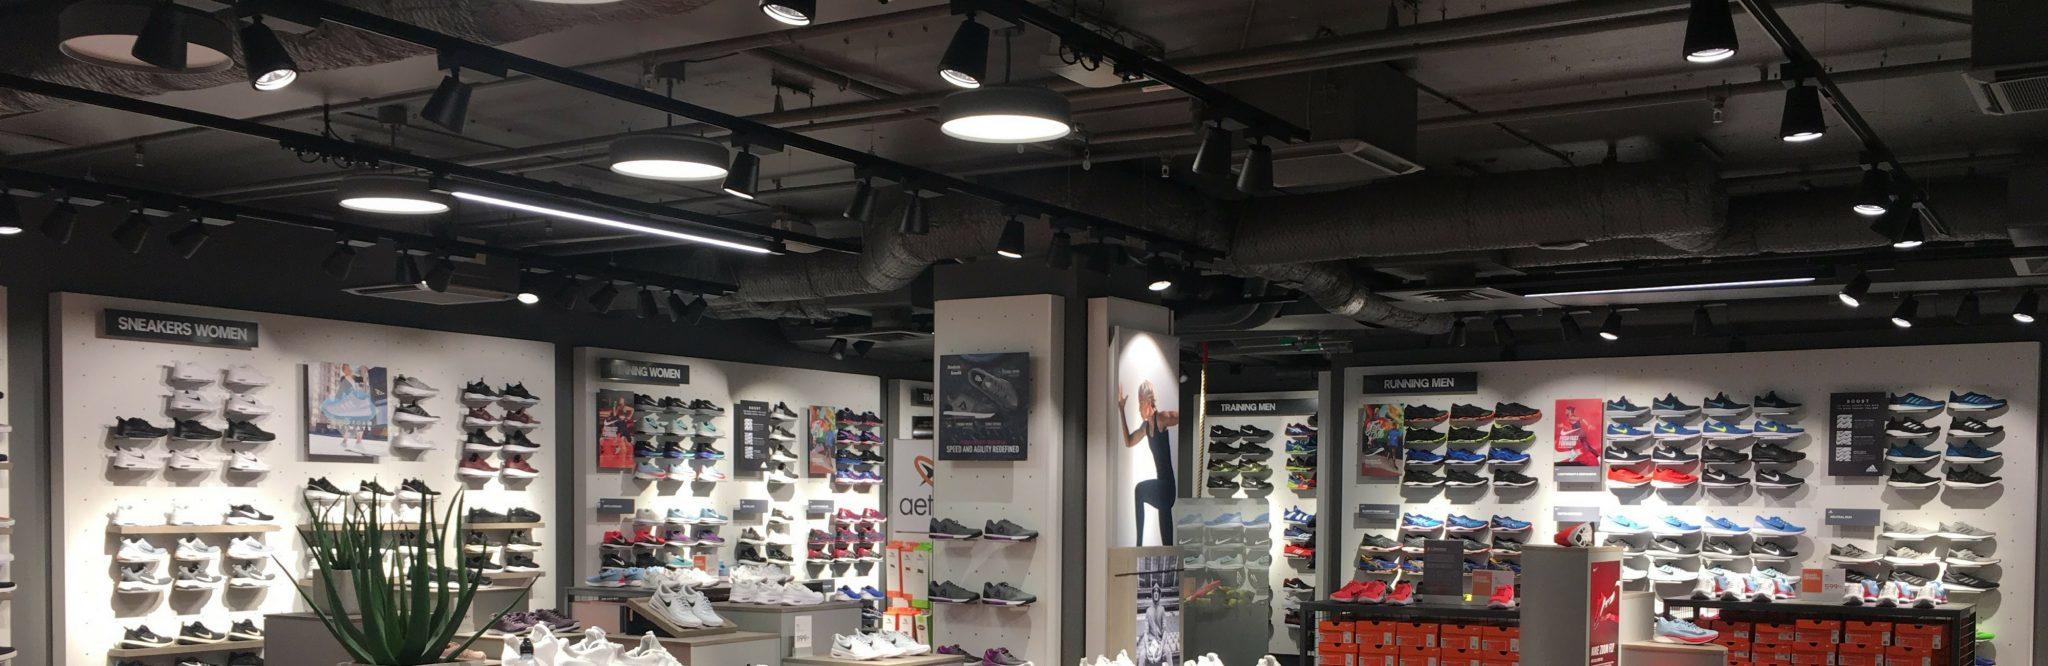 LED-panel för butik och dagligvaruhandel.